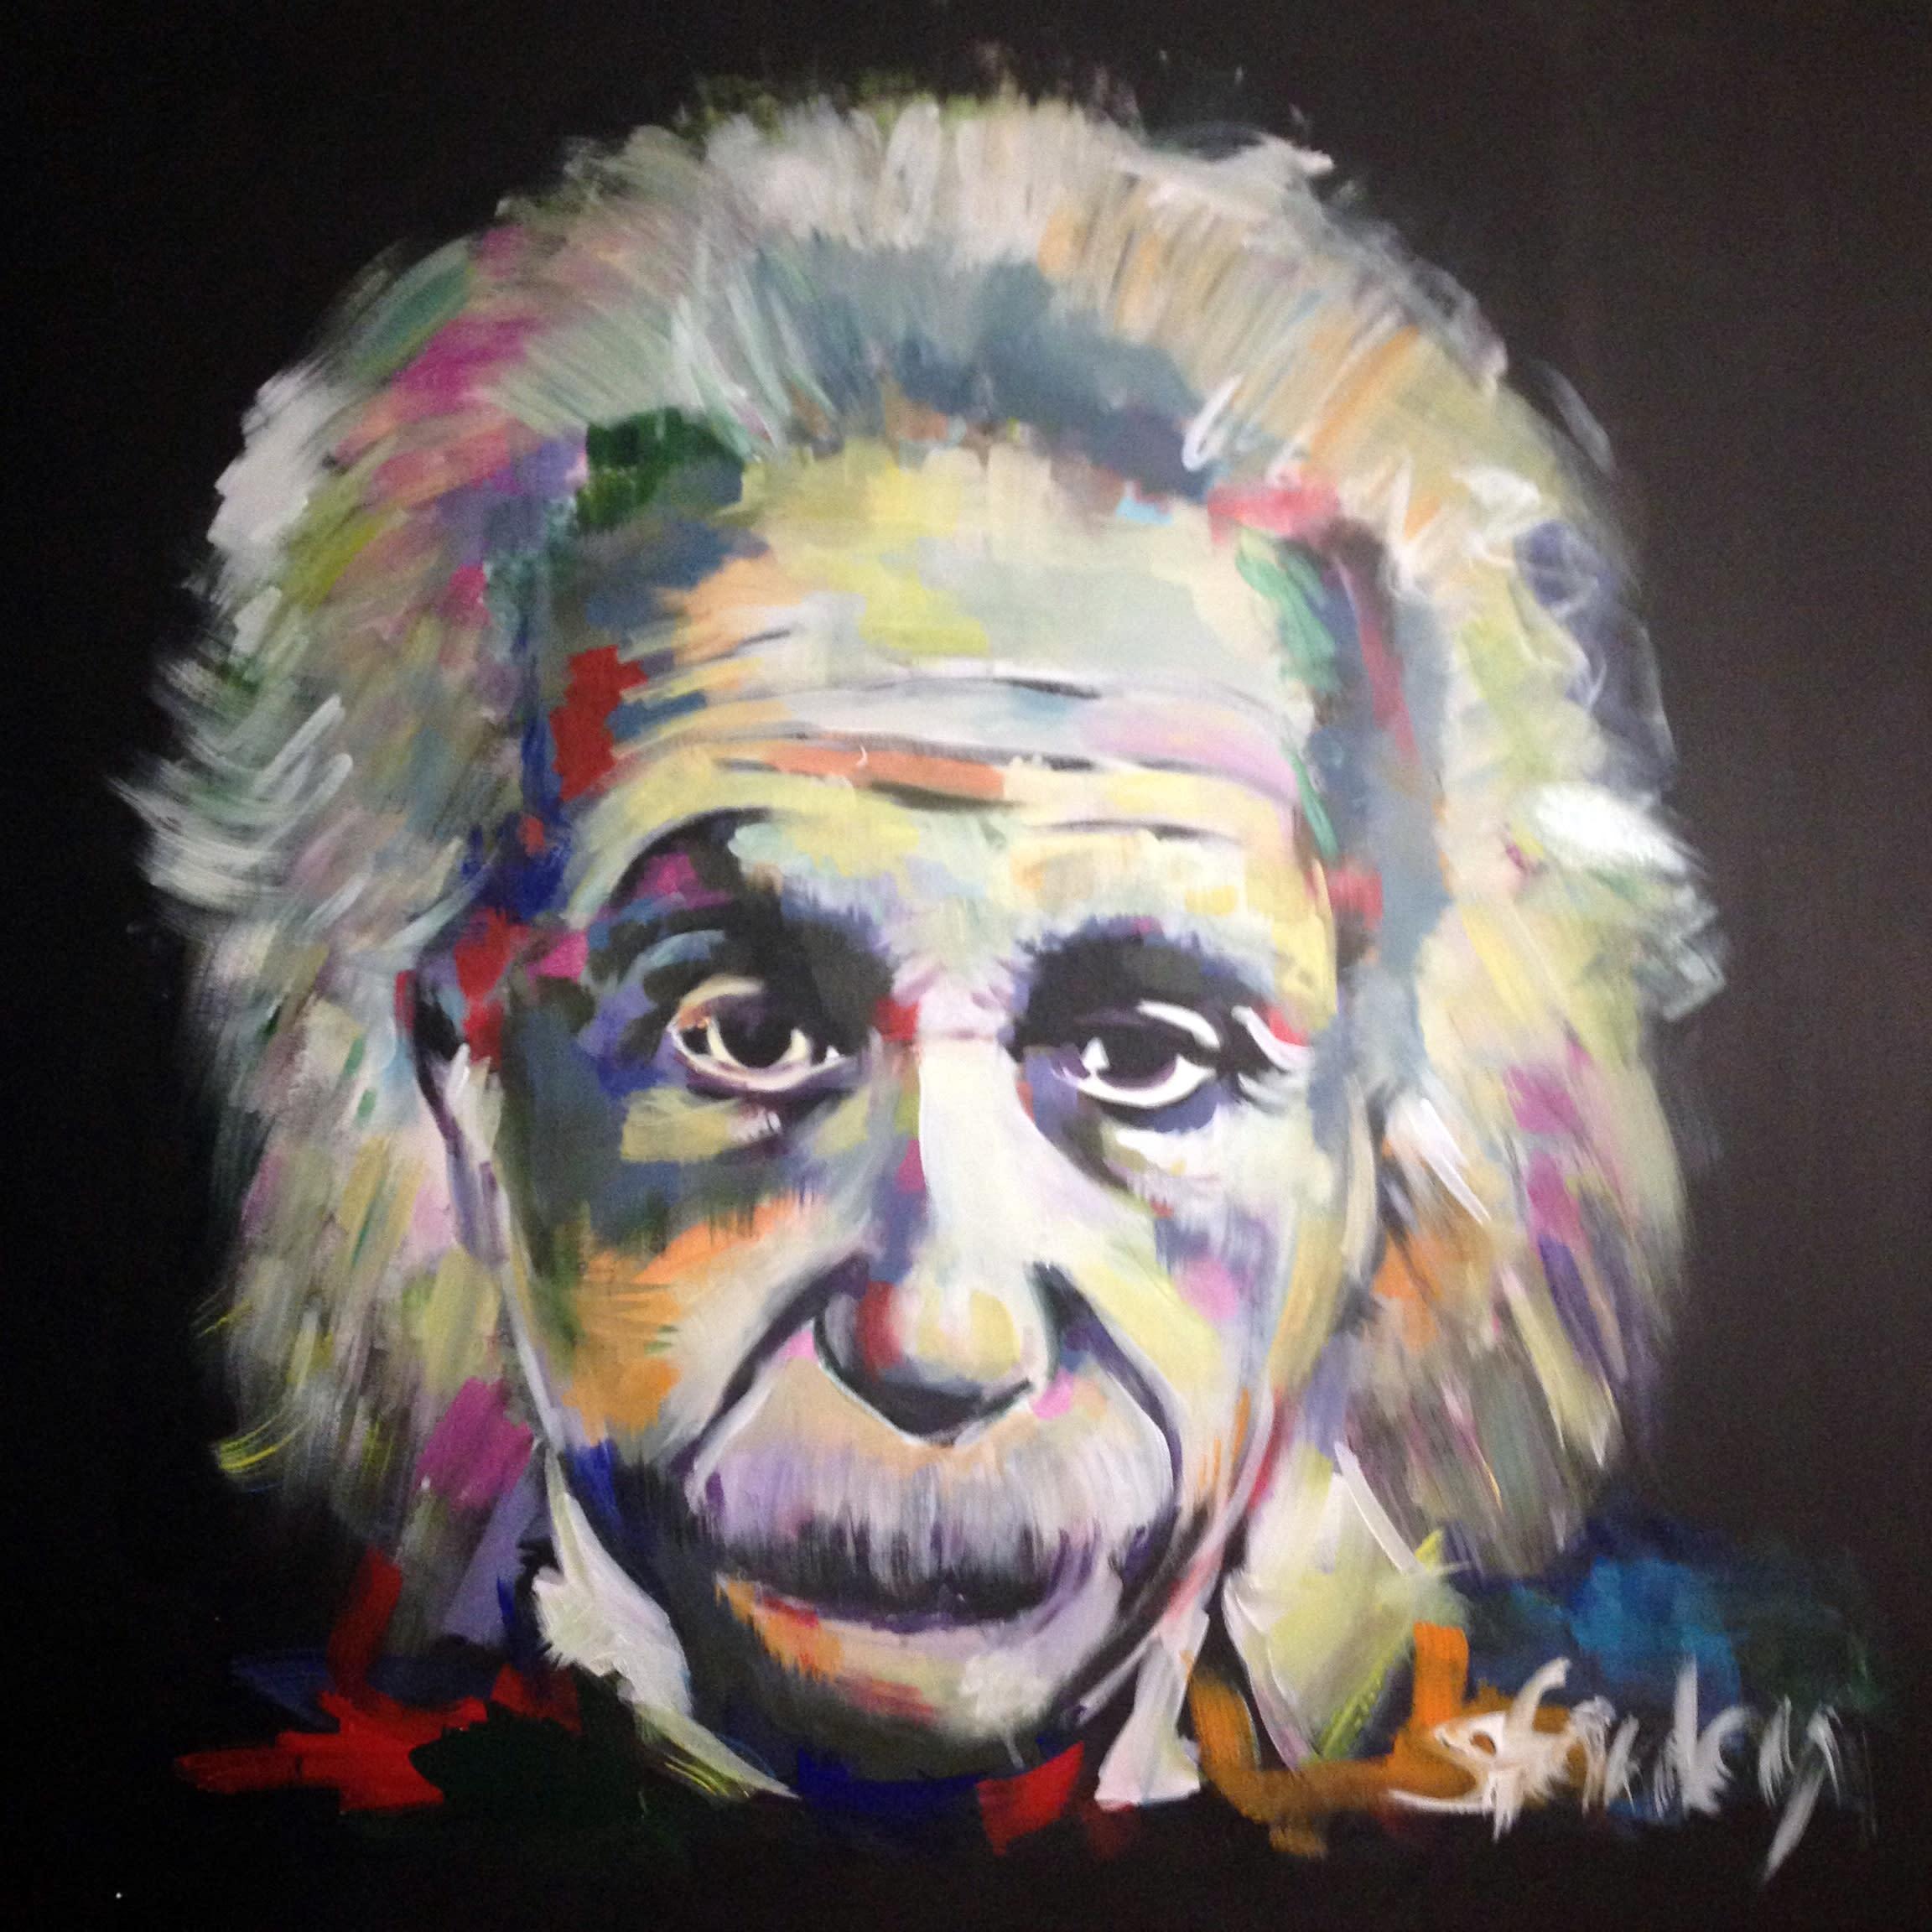 Einstein by steph fonteyn uwzbr1